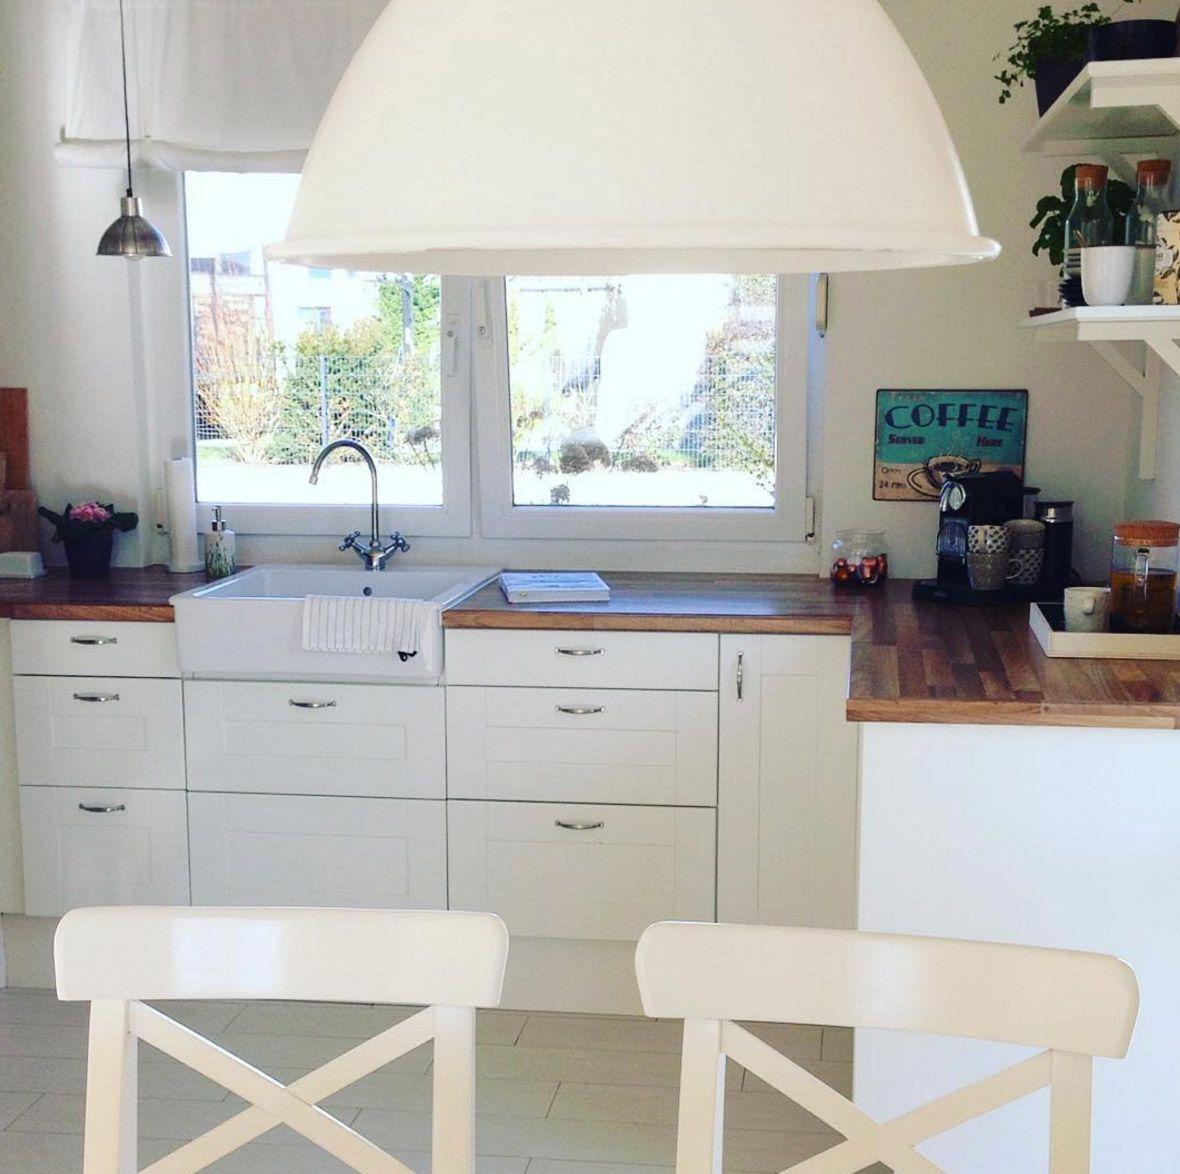 holzarbeitsplatte-weisse-kueche | Wohnen, Weisse küche ...